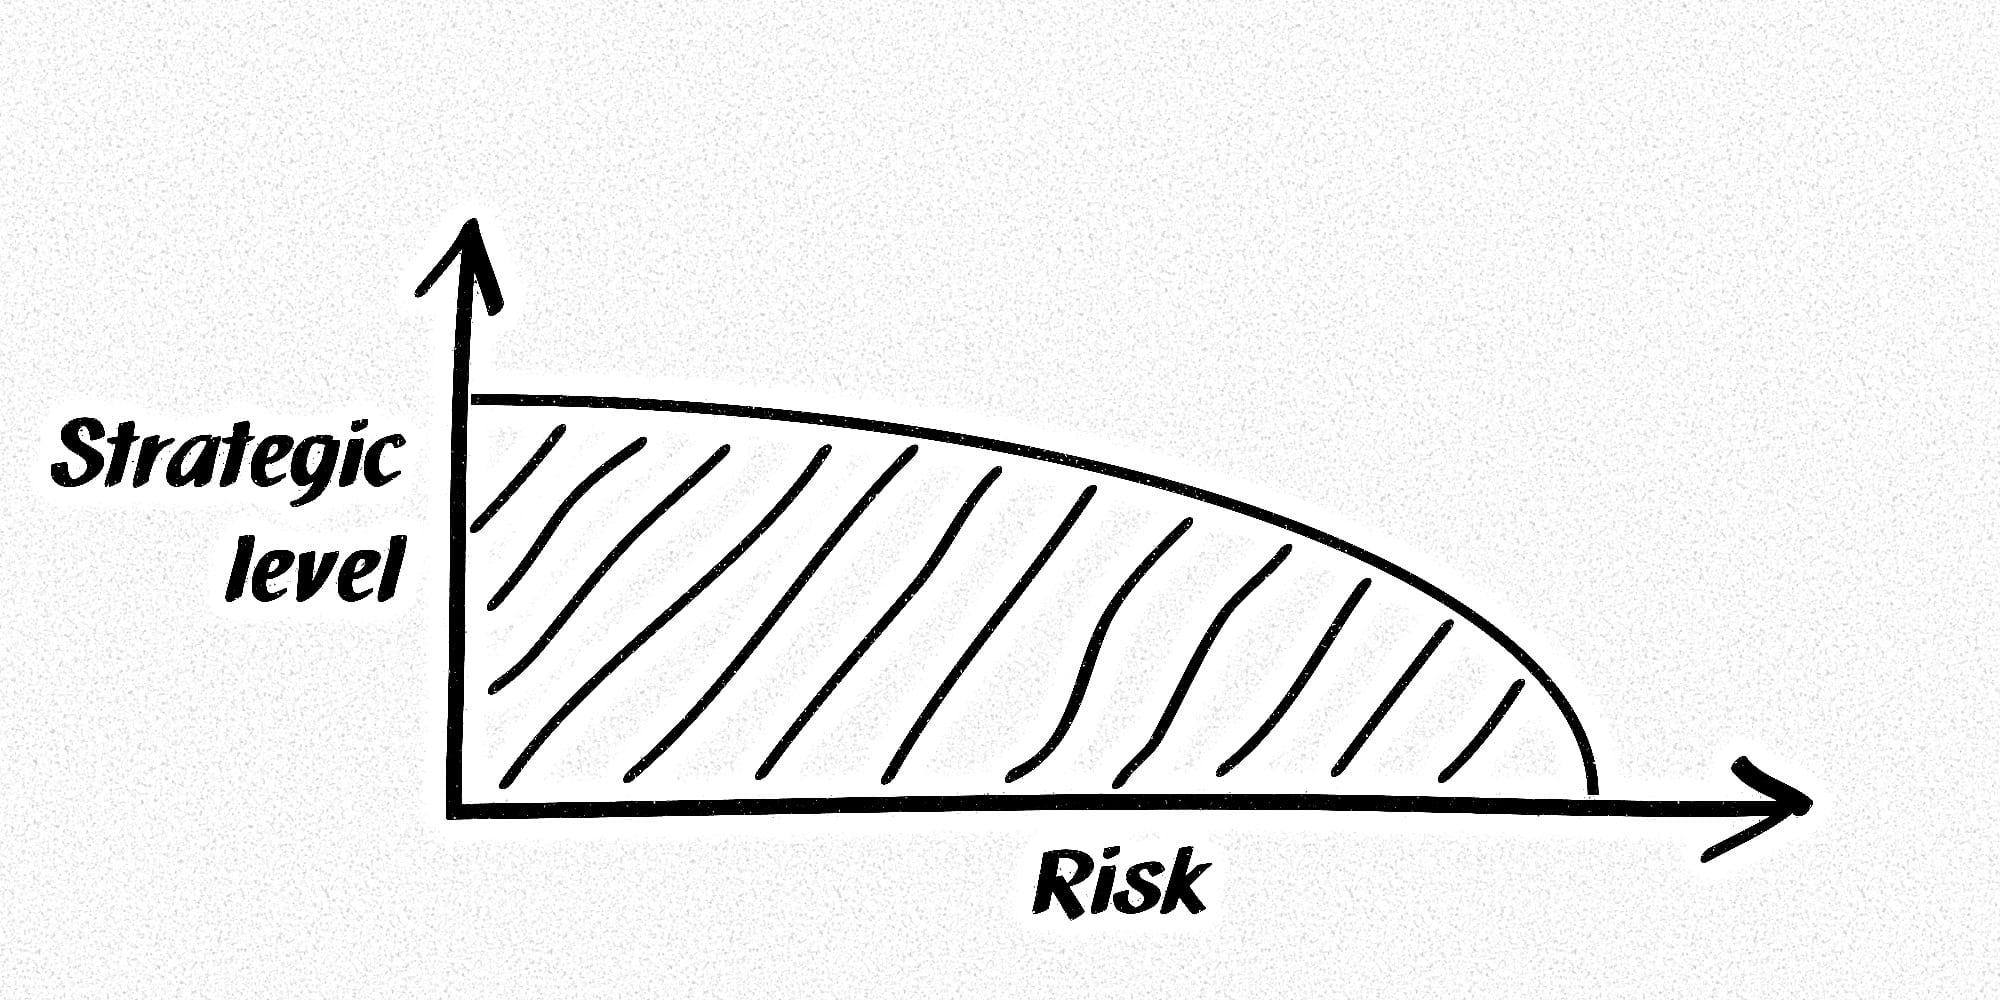 Diagramm mit zwei Achsen. X-Achse: Risiko, Y-Achse: Strategische Ebene.